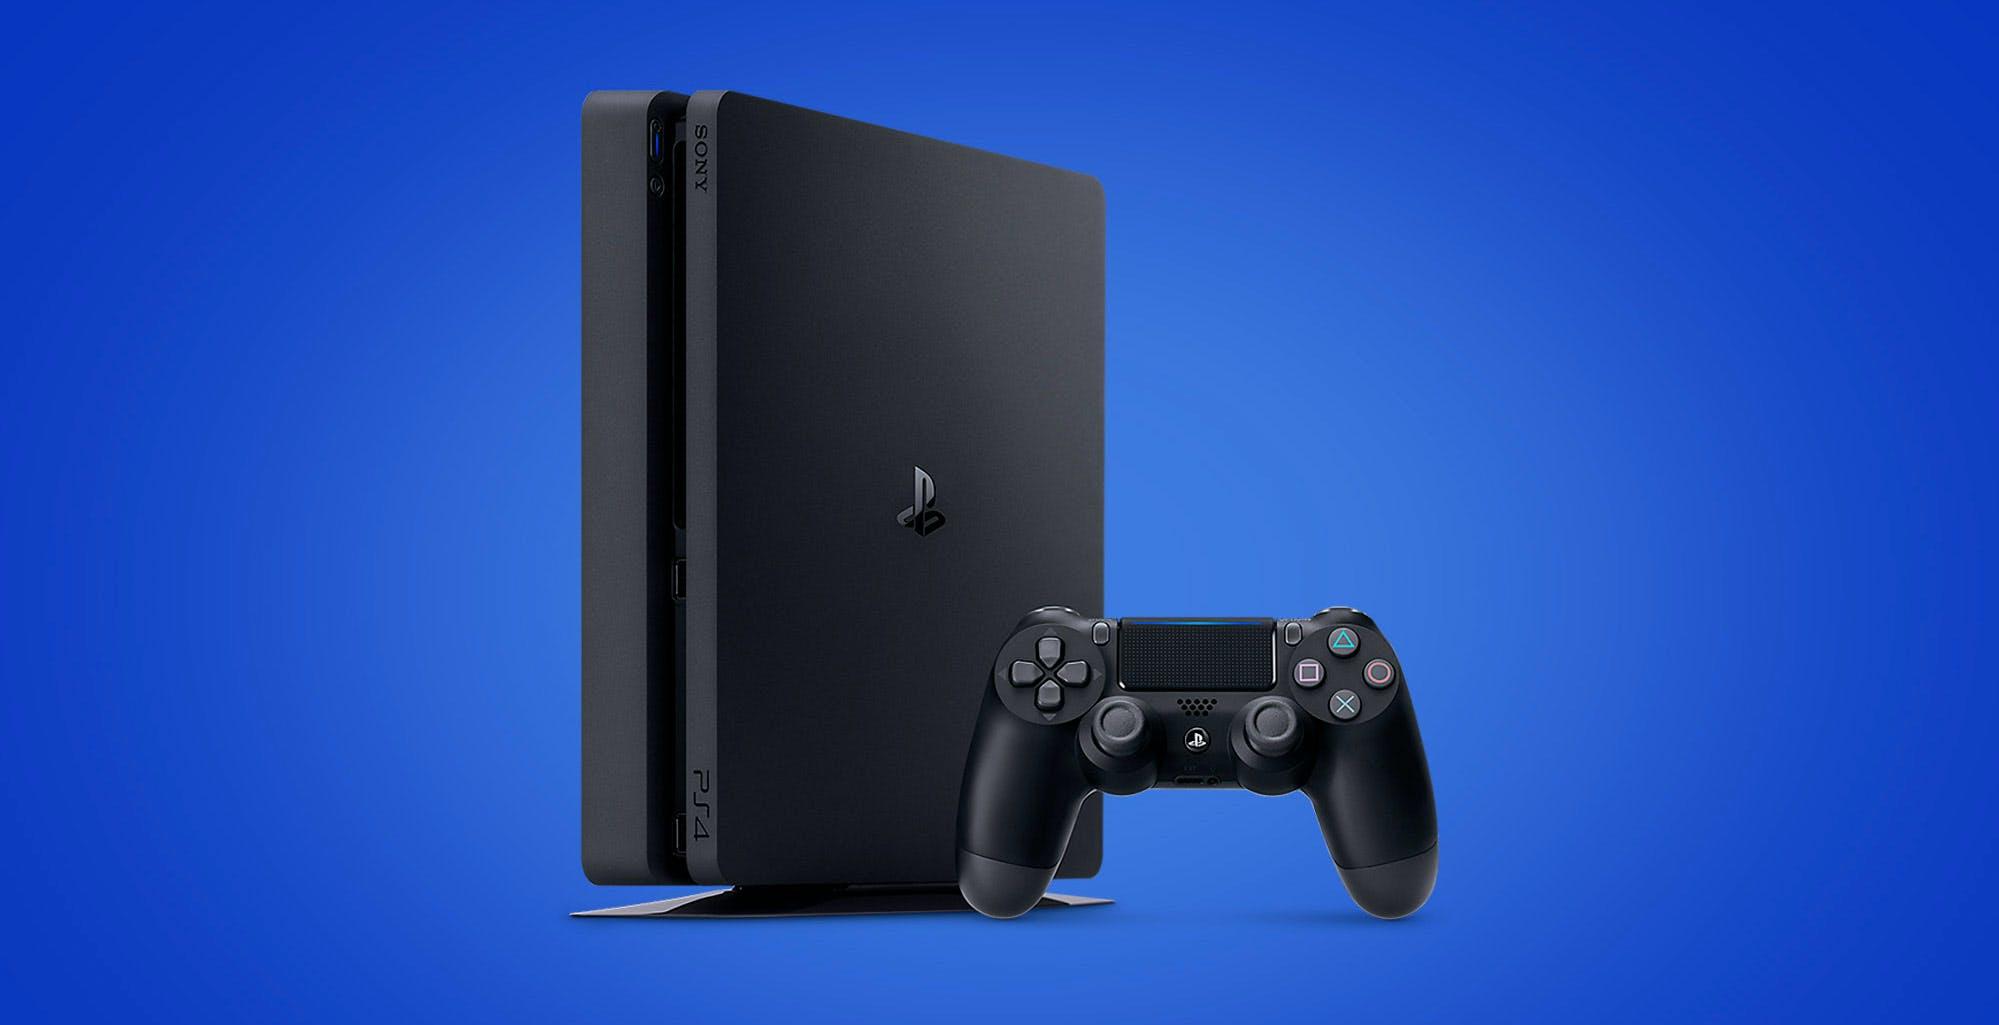 Tra qualche anno milioni di Playstation 4 potrebbero smettere di funzionare